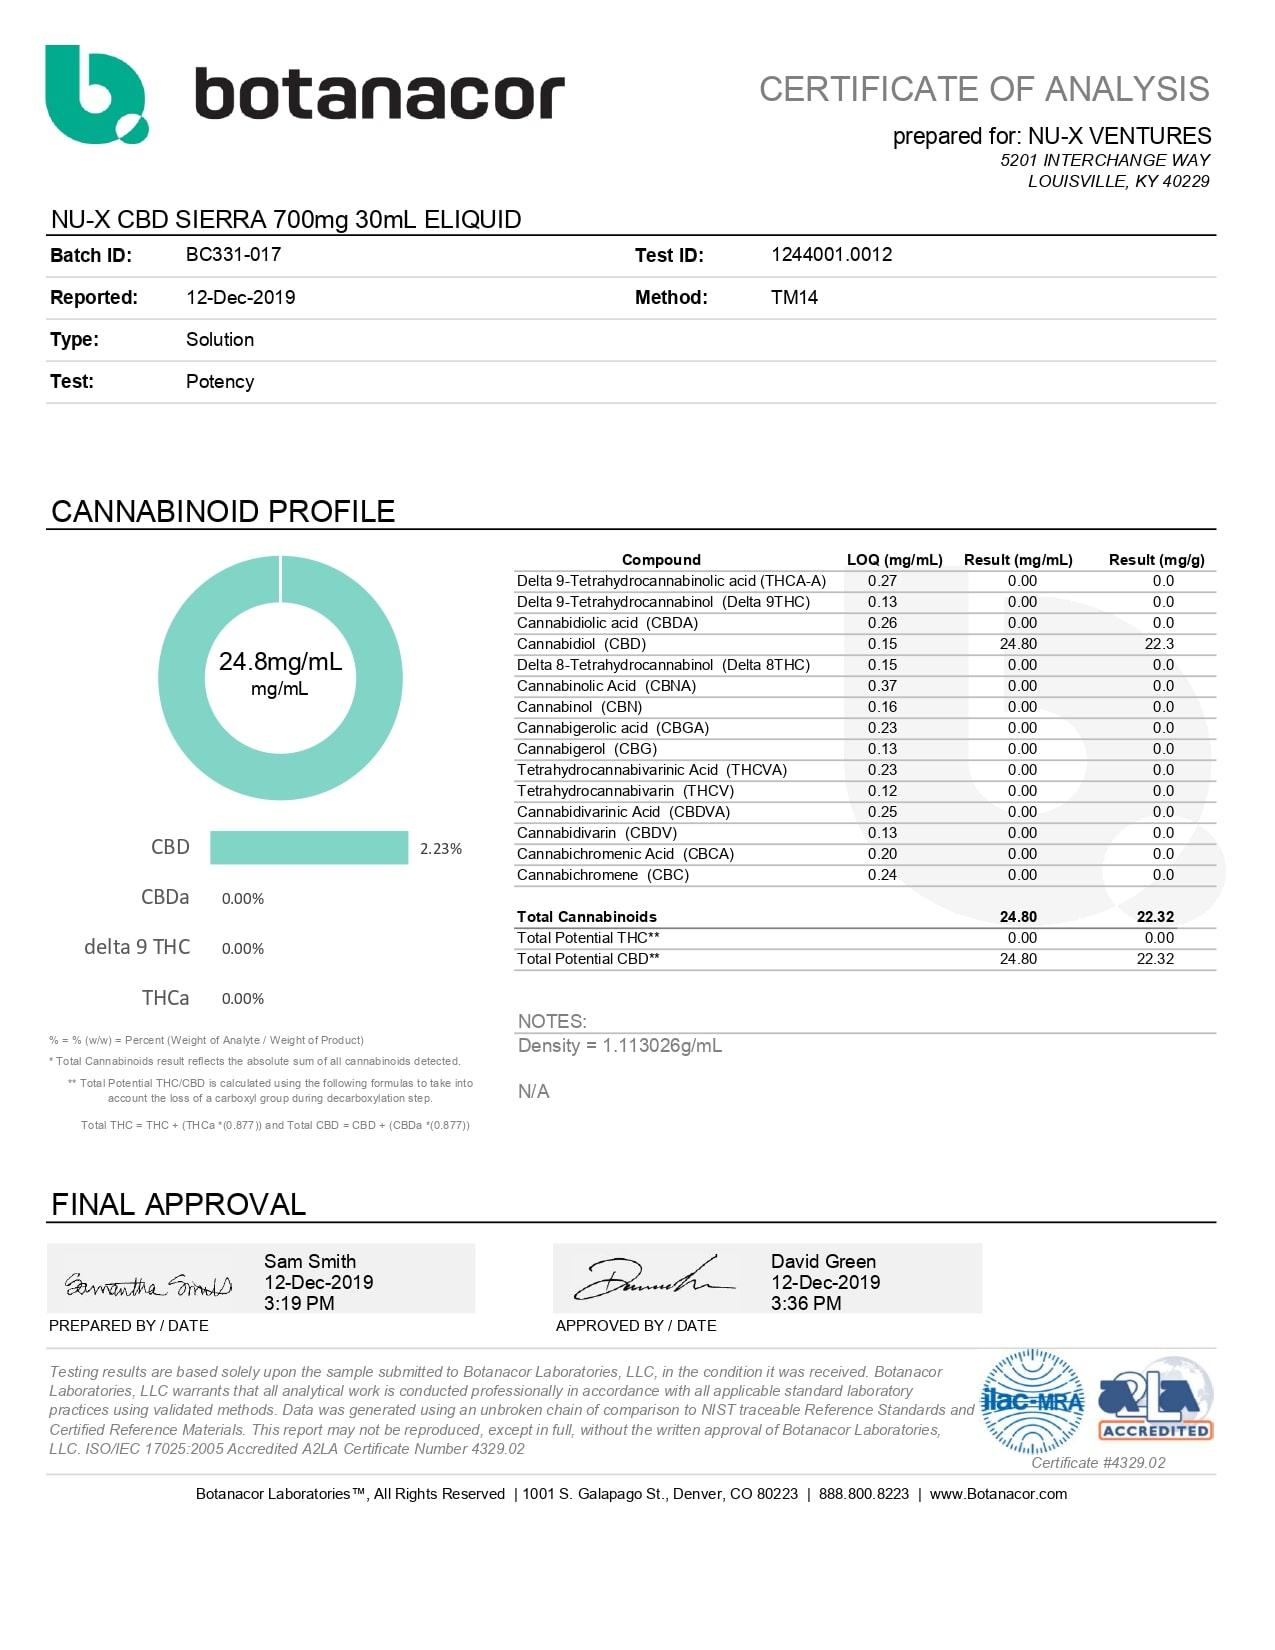 NU-X CBD eLiquid Vanilla Tobacco - Sierra Lab Report 700mg